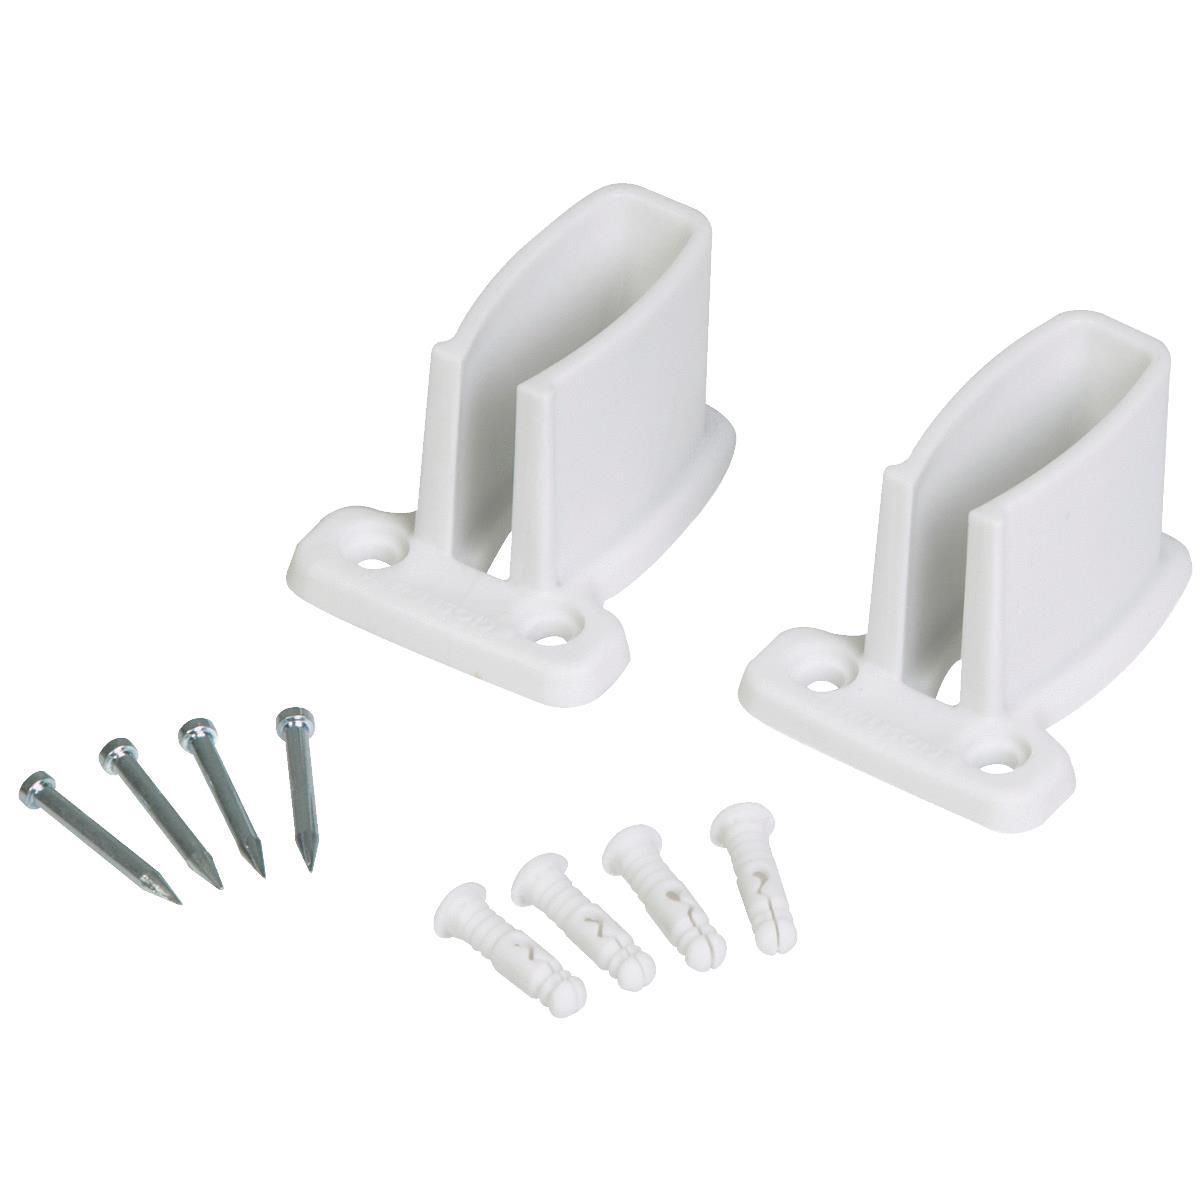 Buy Closetmaid White Wire Shelf Wall Bracket White